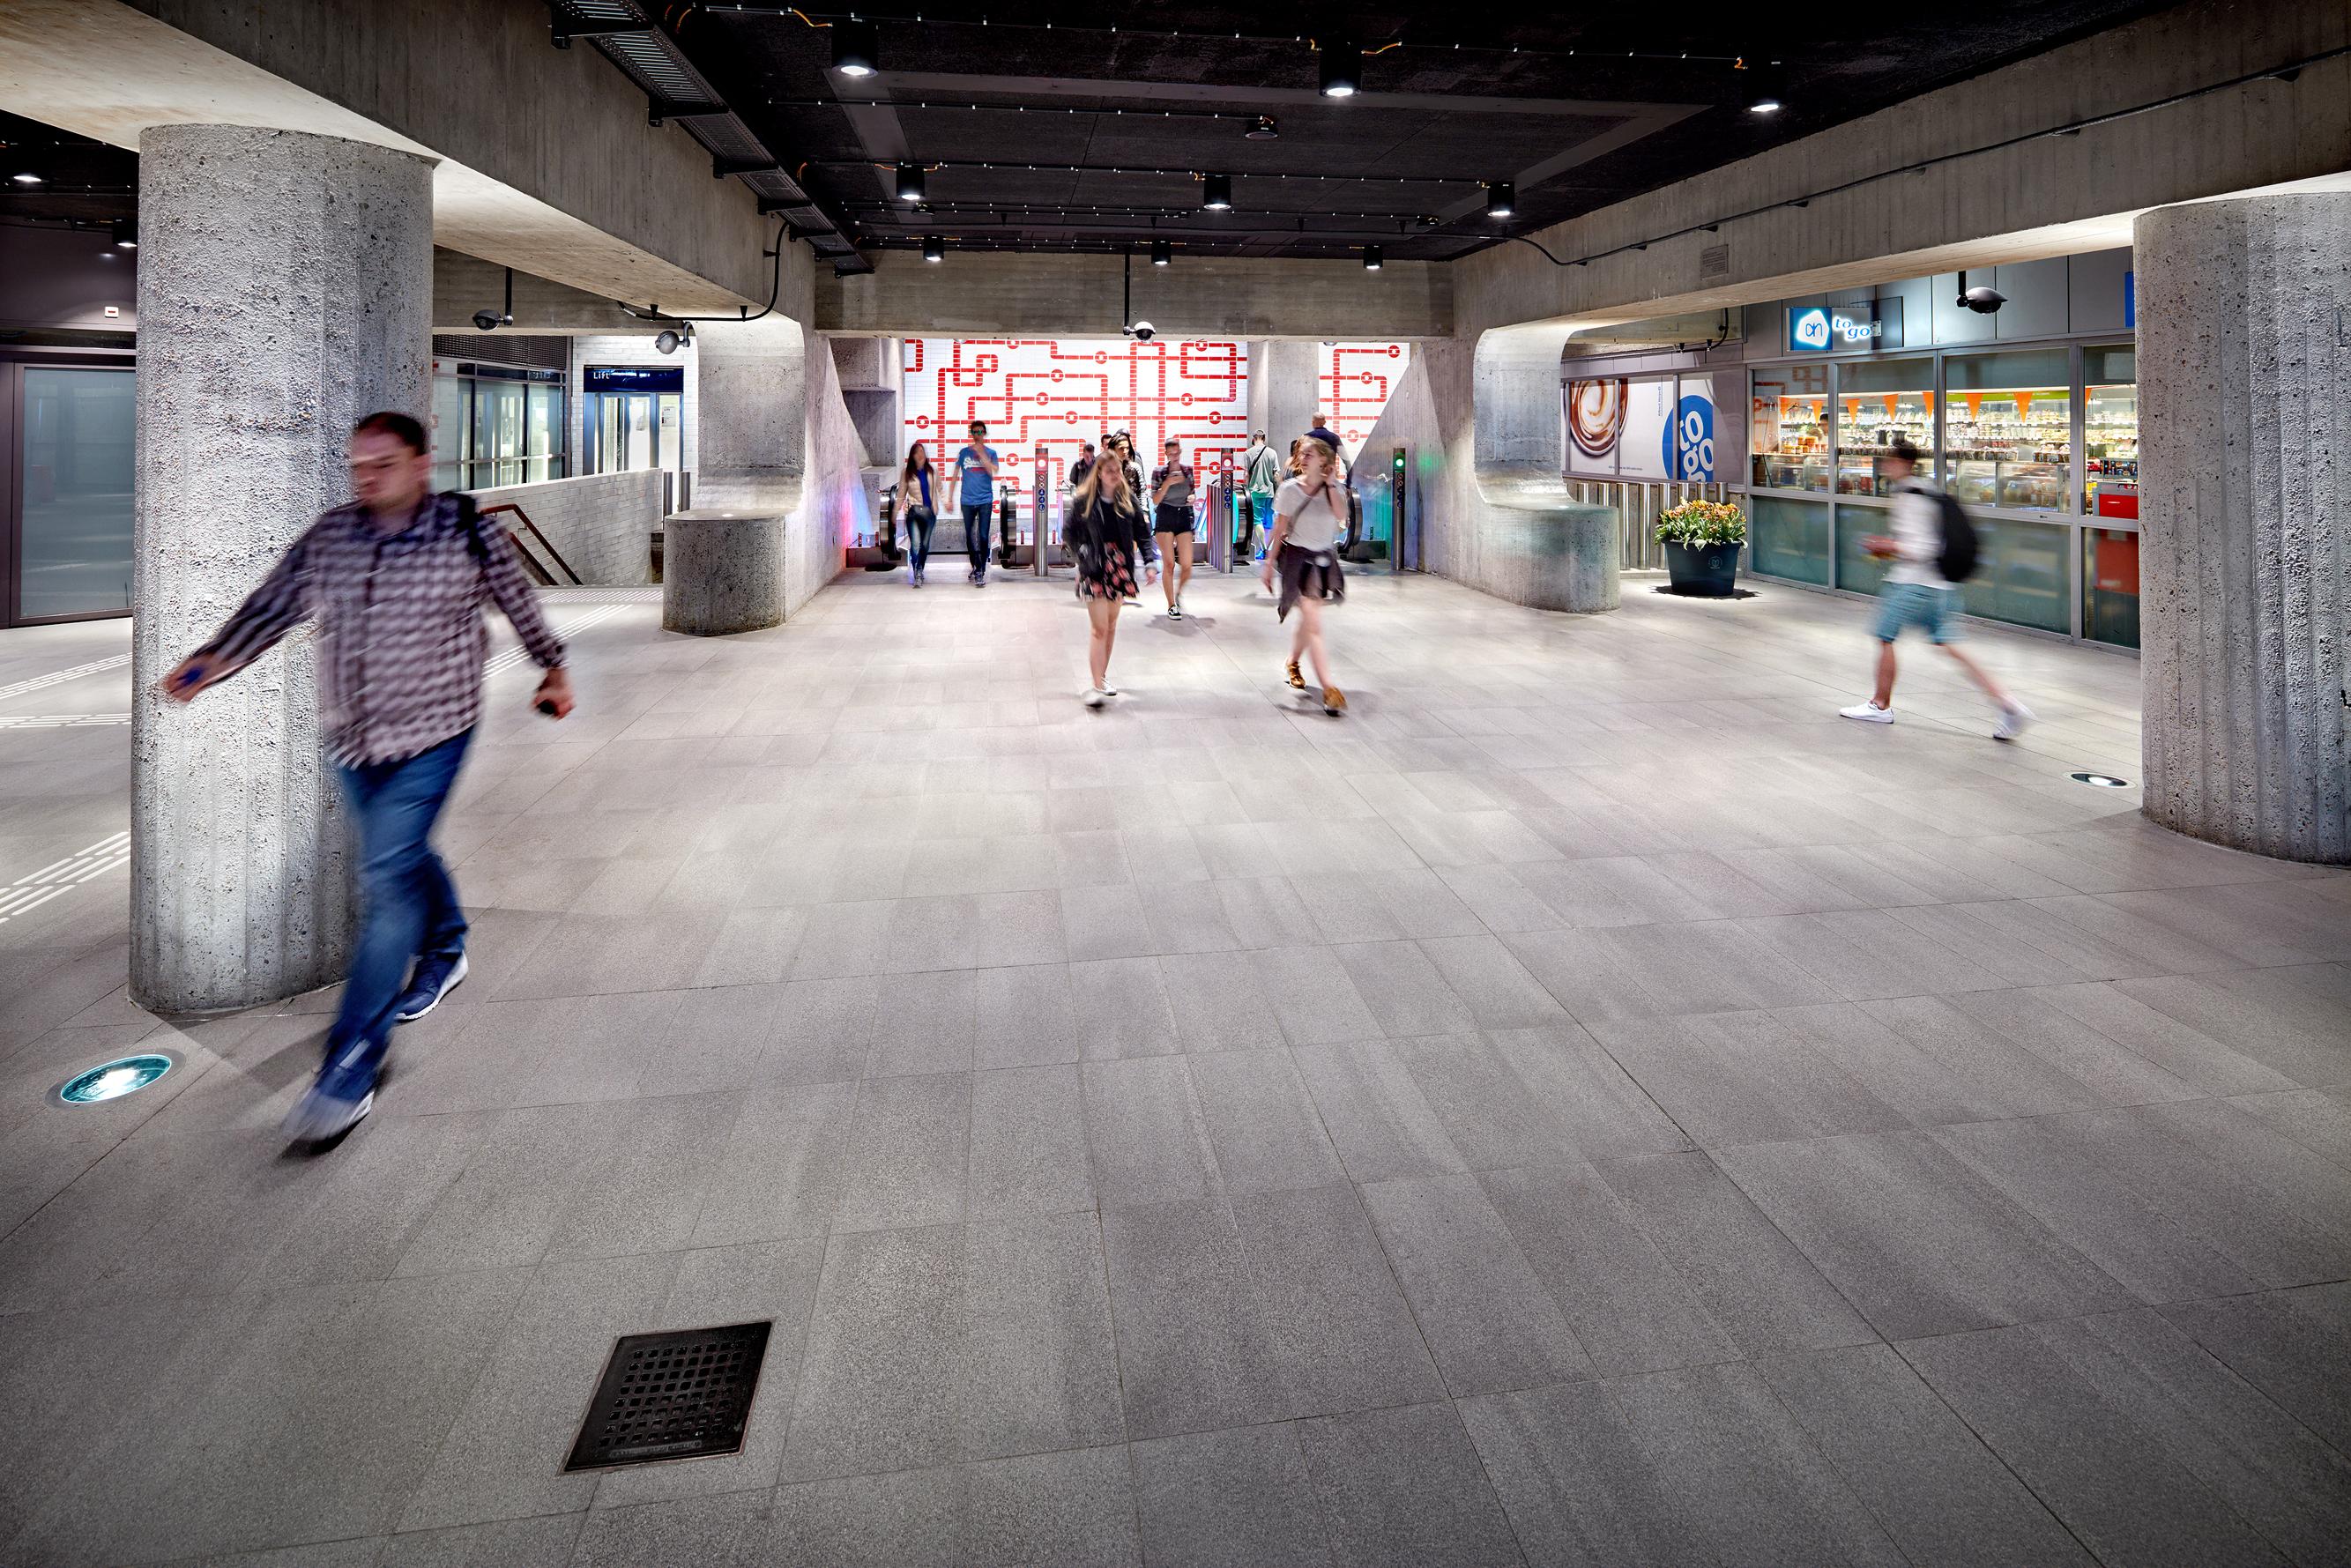 <p>Transferhal Central Station met &#8216;visueel tableau&#8217;, met handgemaakte tegels. Fotograaf: Digidaan</p>